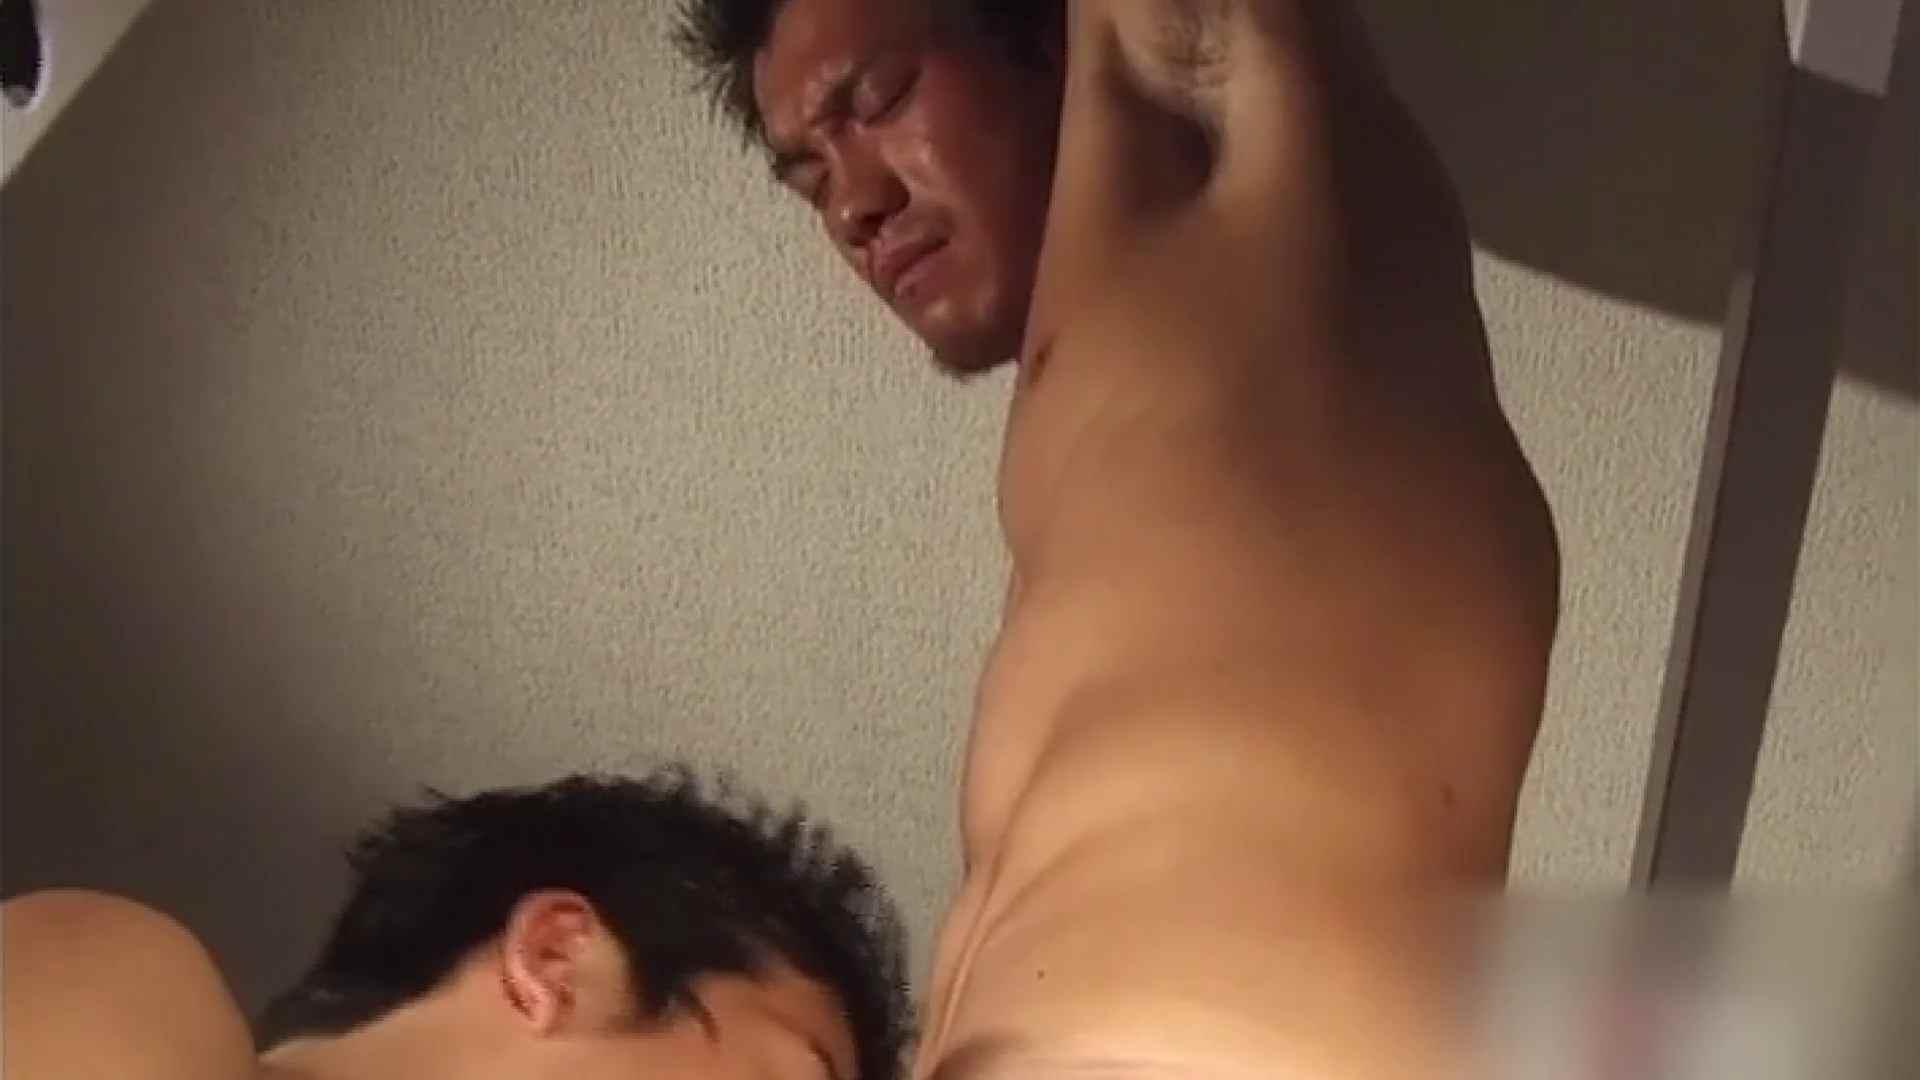 珍肉も筋肉の内!!vol.3 悶絶メンズ ゲイ無修正動画画像 99画像 59